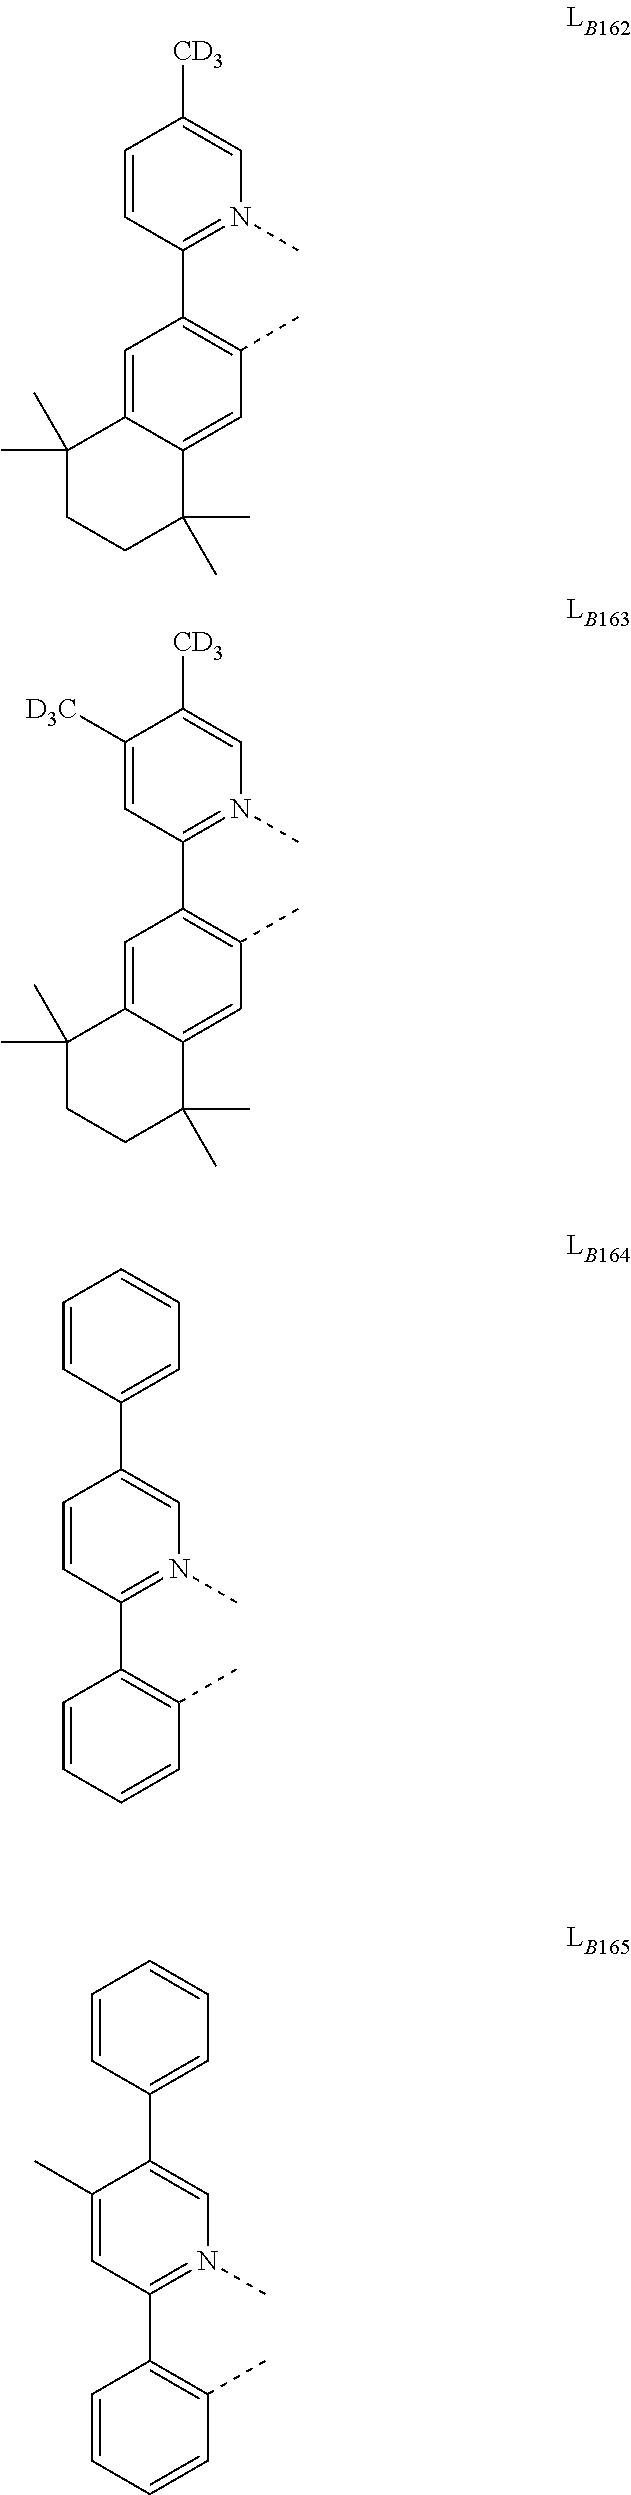 Figure US09929360-20180327-C00249